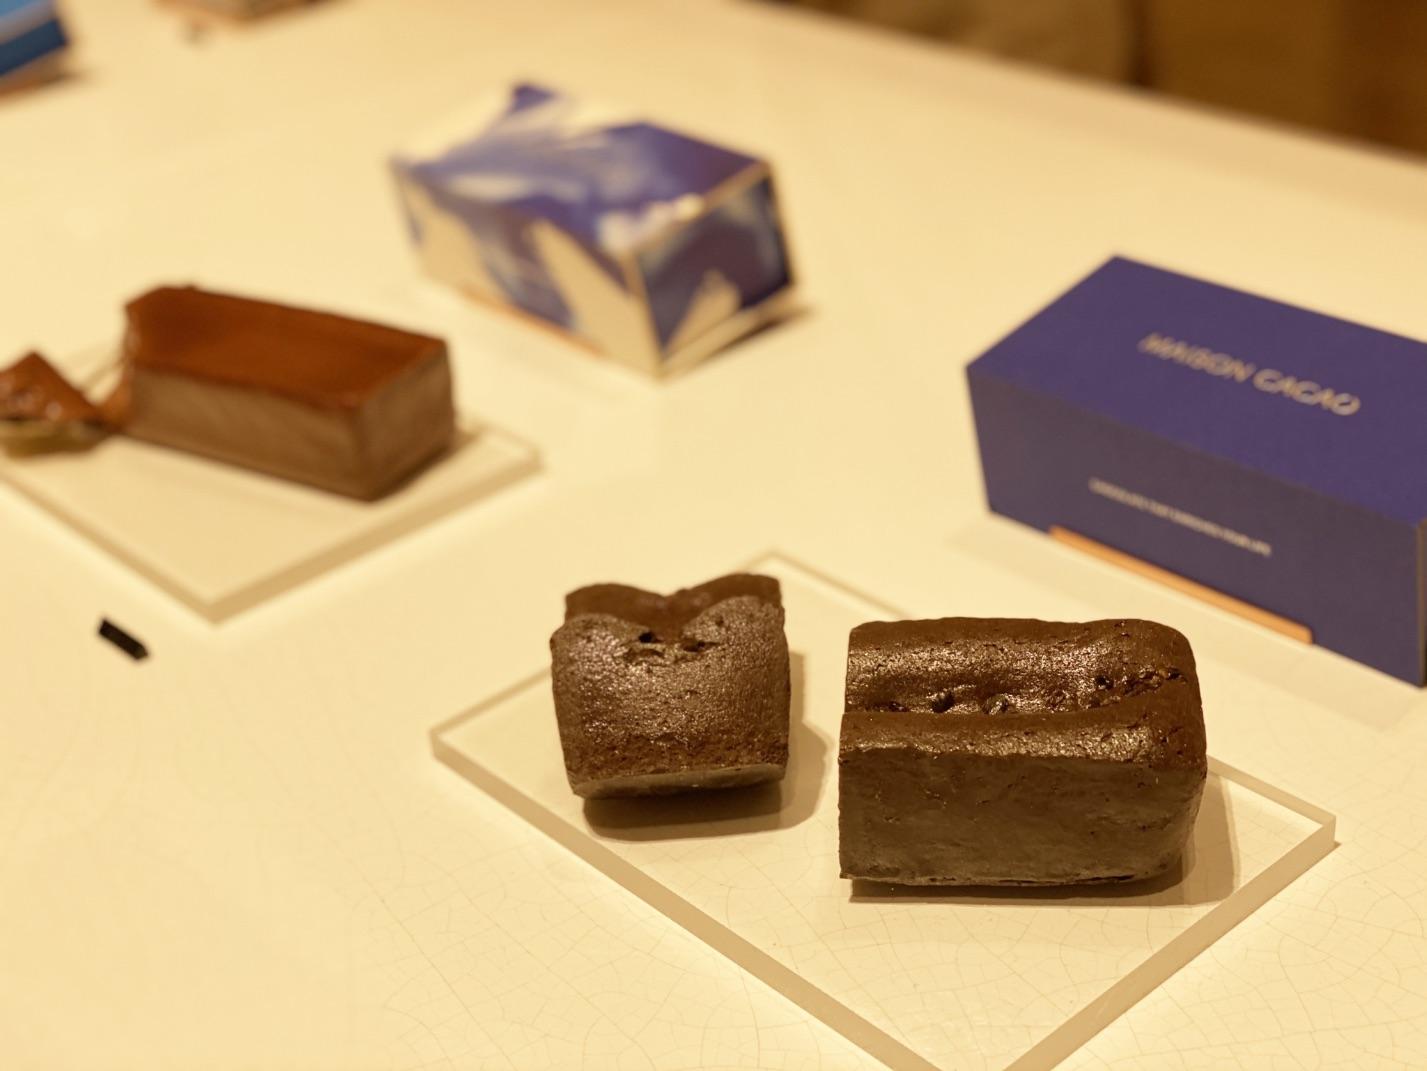 %e3%83%a1%e3%82%be%e3%83%b3%e3%82%ab%e3%82%ab%e3%82%aa-maison-cacao-%e5%8f%af%e5%8f%af1-2